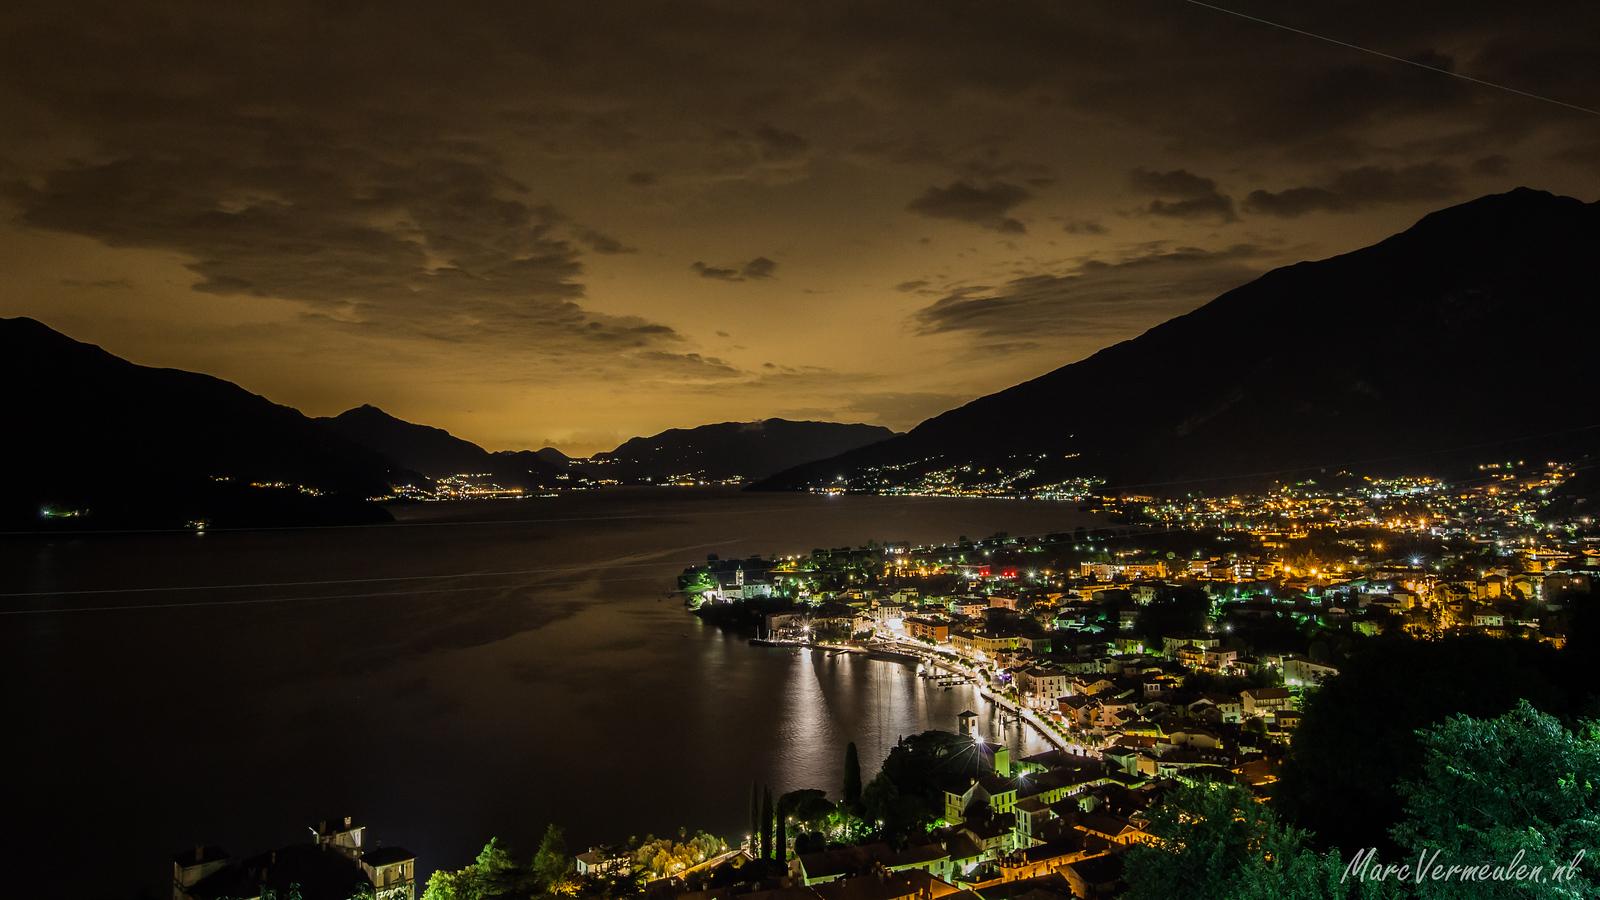 Gravedona di notte, Lago di Como